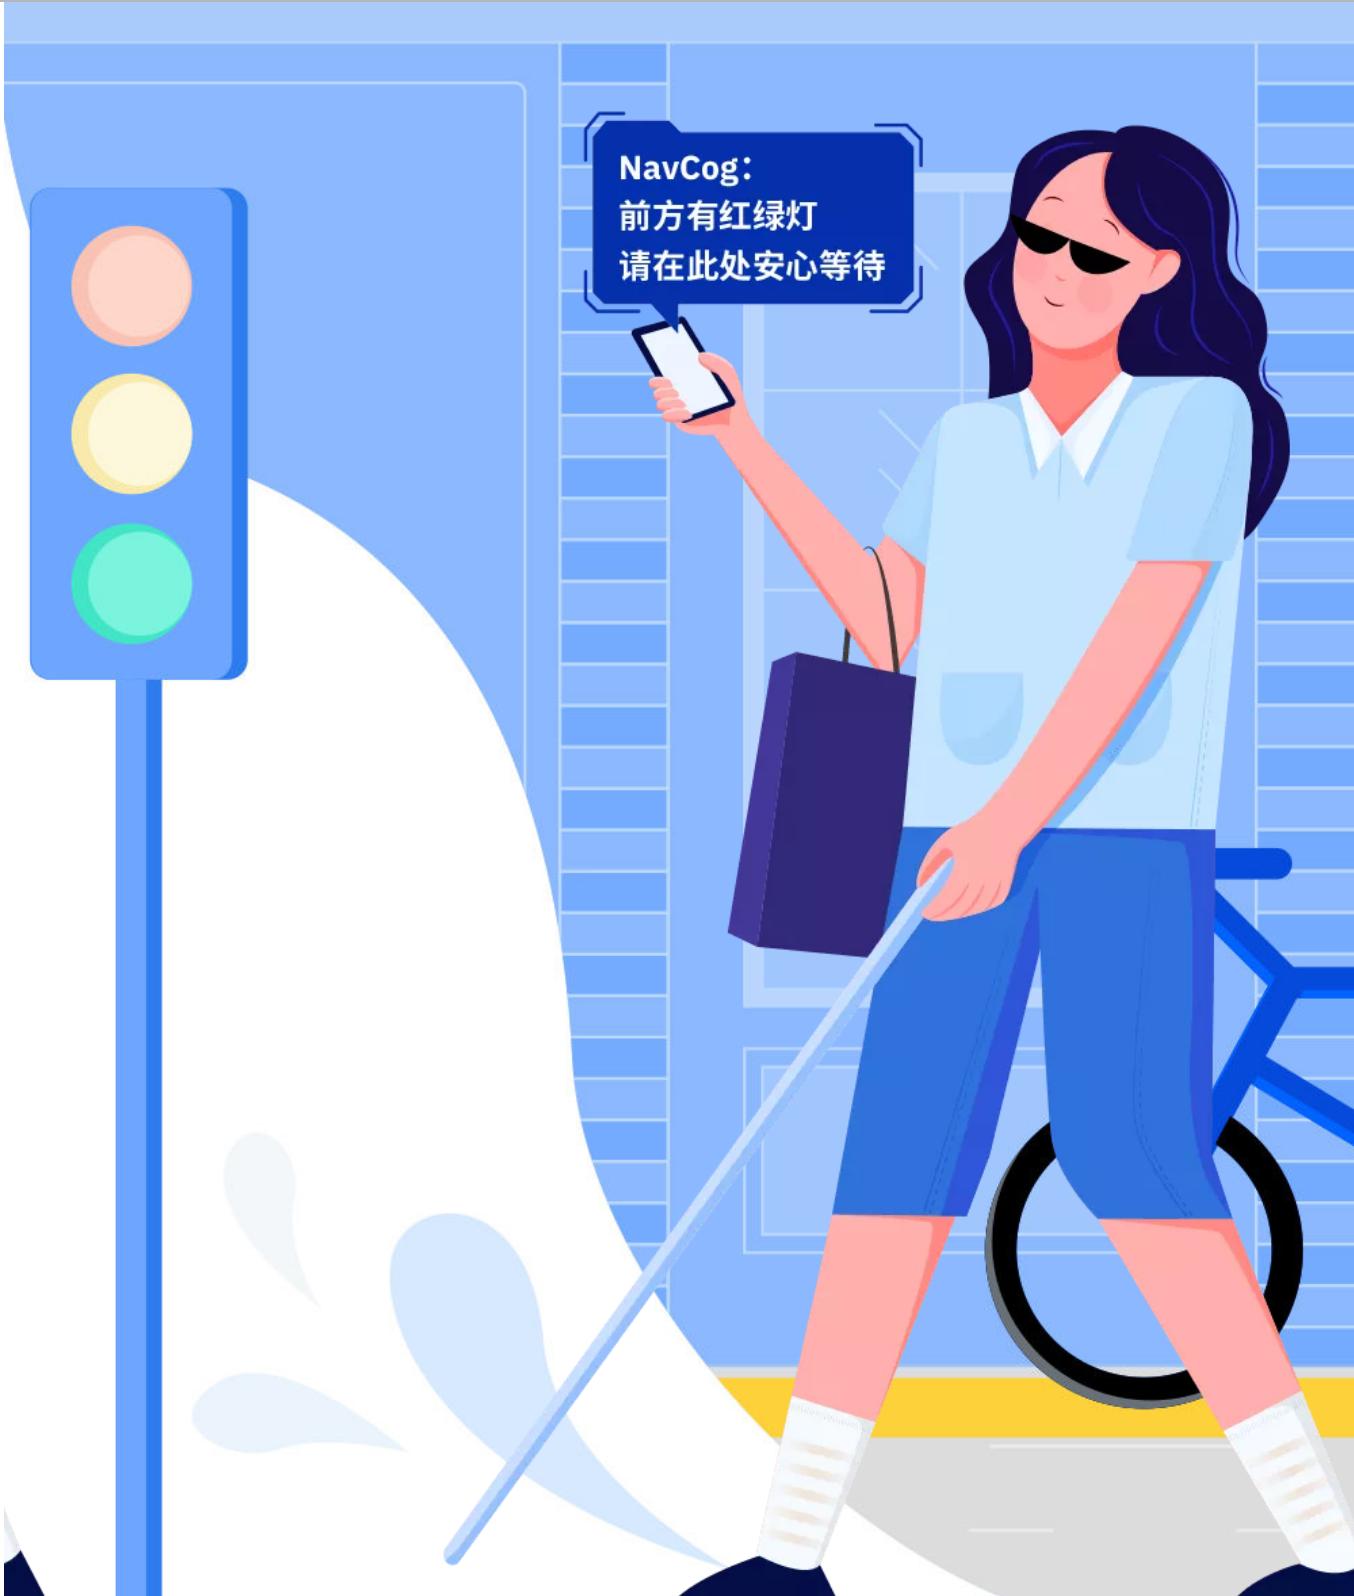 仅在中国,视障人群的规模已有2000万之大,他们缺乏独立性,更缺乏安全感。不是不想上街,实在不敢上街,因为用盲杖丈量世界的每一步都充满凶险与未知。